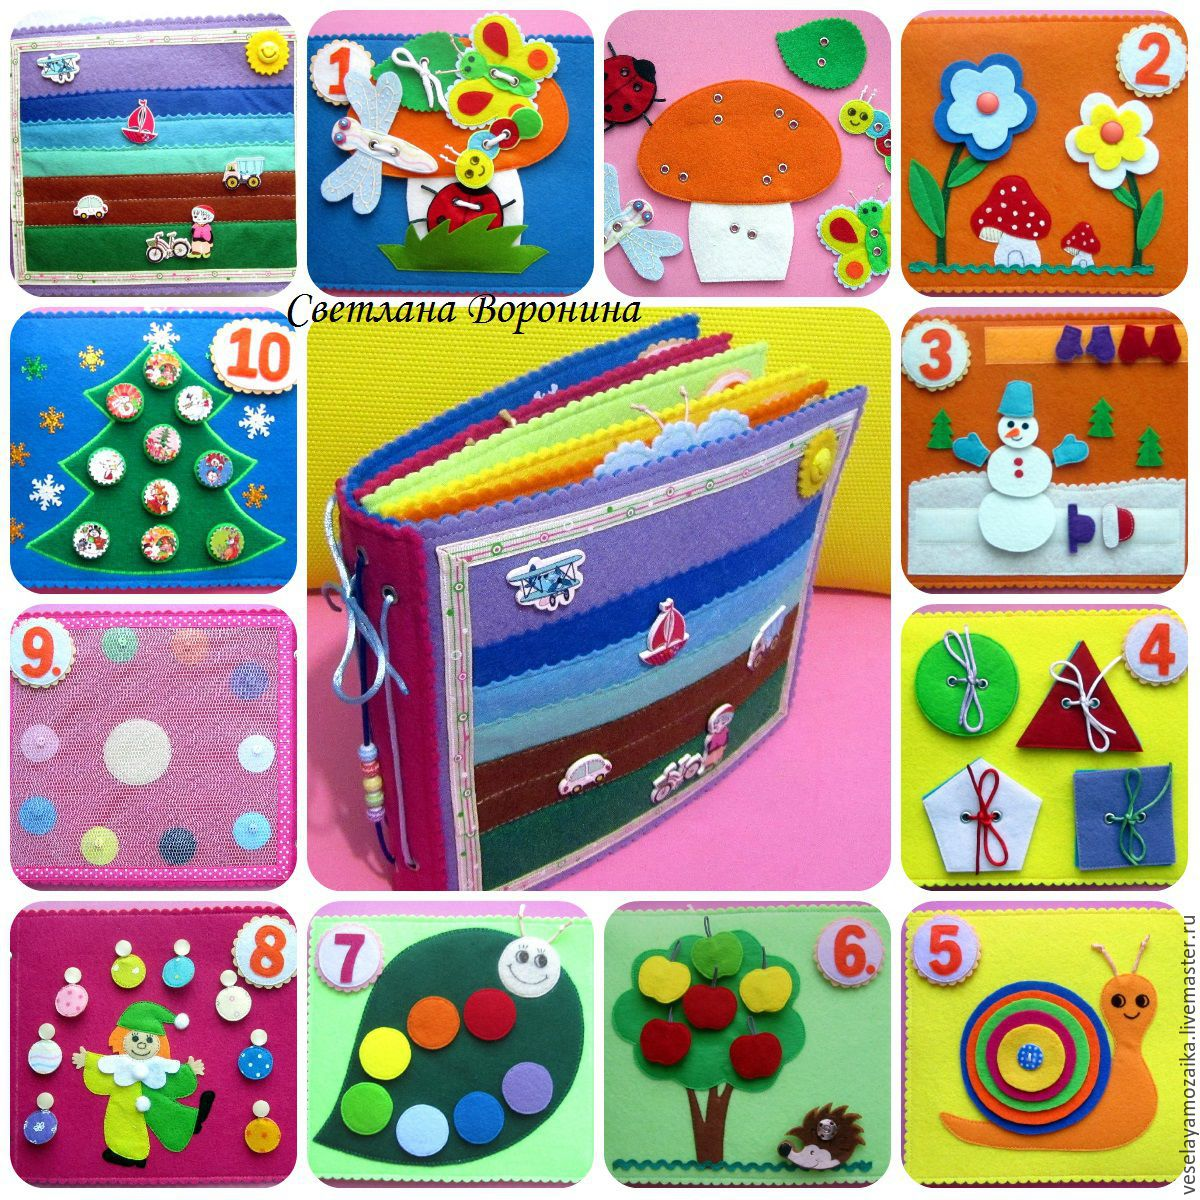 Развивающие игрушки своими руками для детей 4-5 лет фото 89